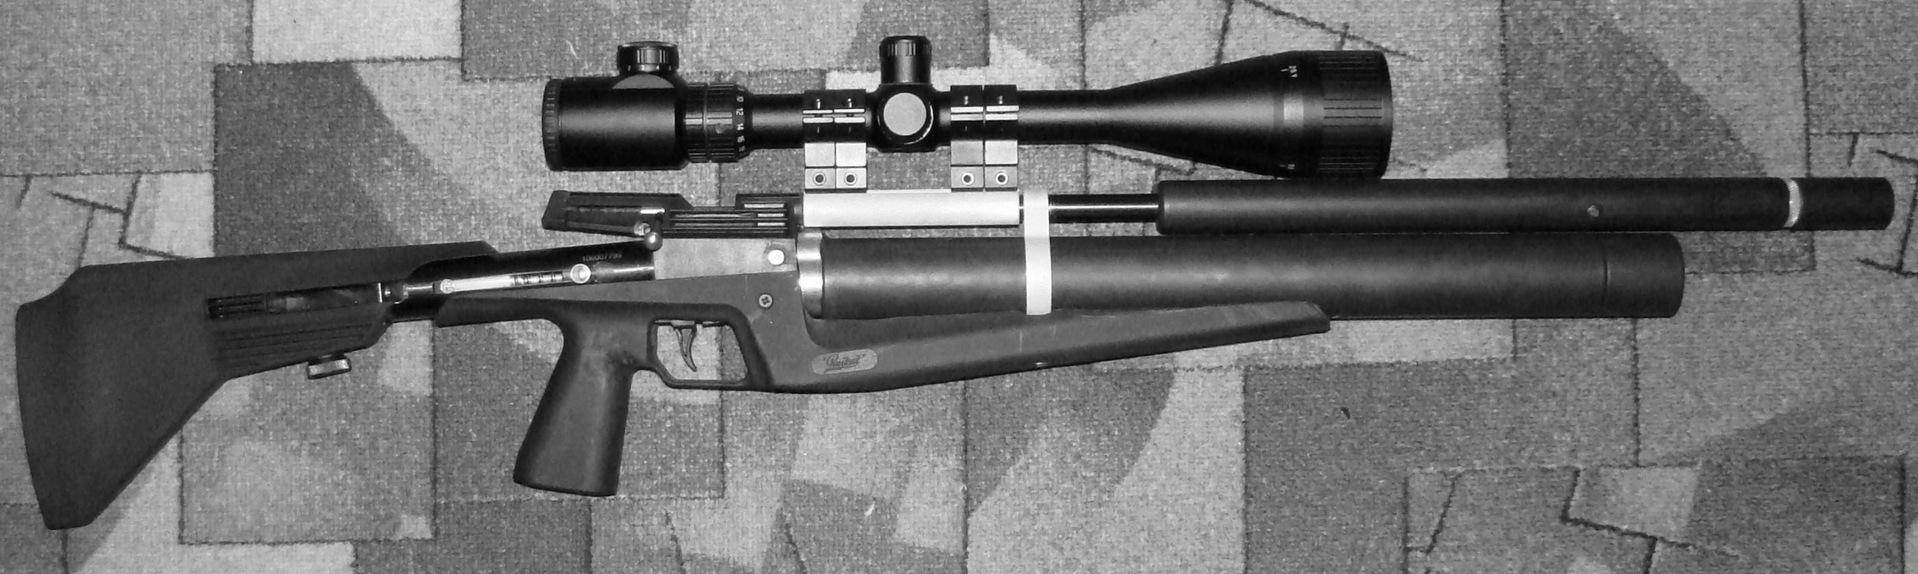 Оружие которое можно носить без